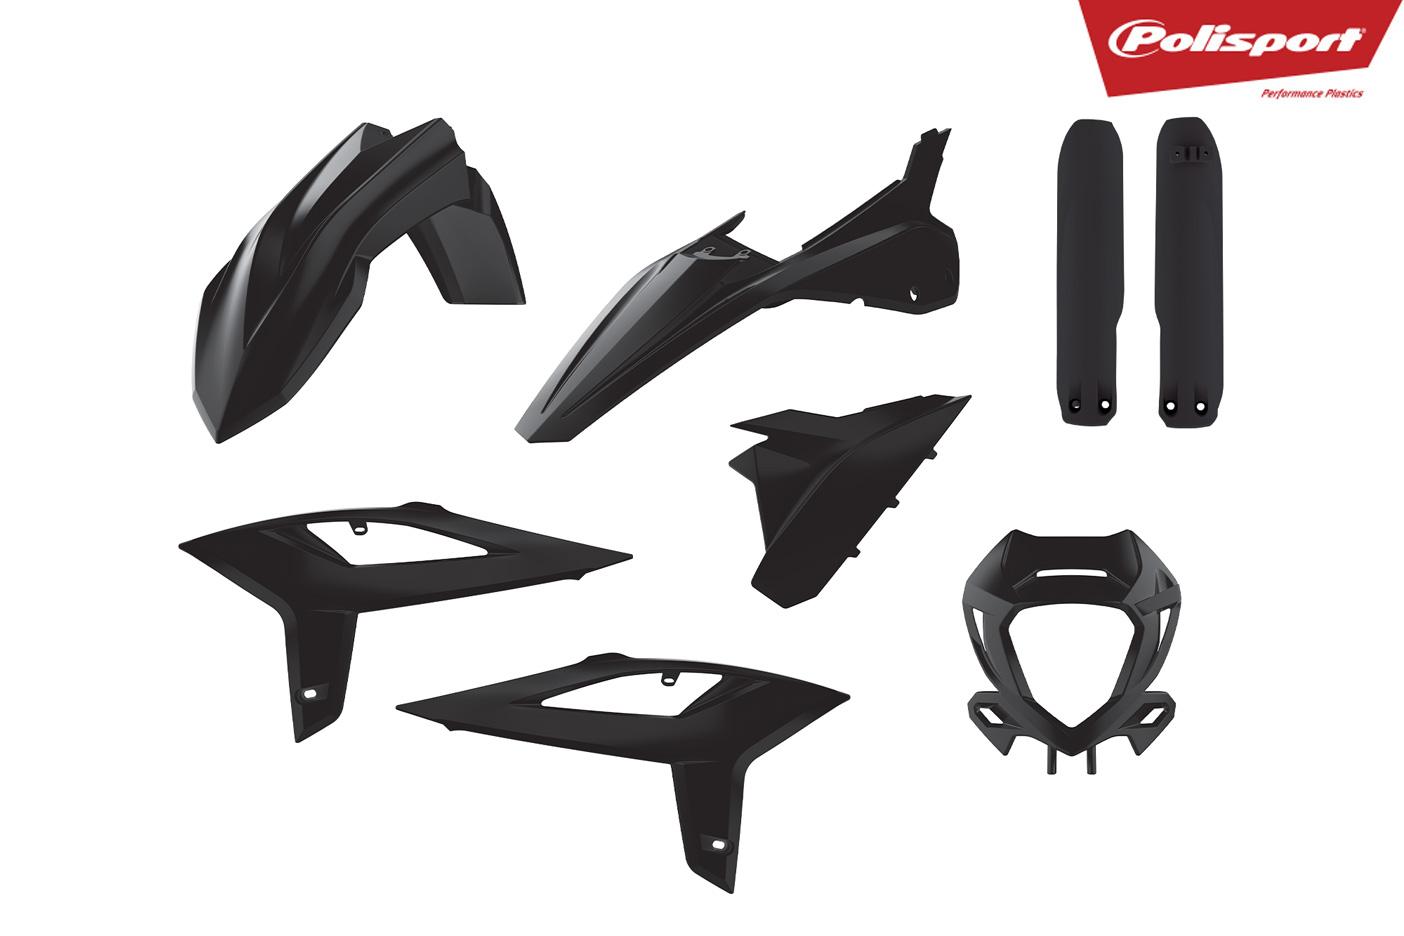 Plastikteile für deine Beta RR in schwarz, bestehend aus Frontkotflügel, Heckkotflügel, Tankspoiler, Gabelschoner, Lampenmaske und Seitenteilen